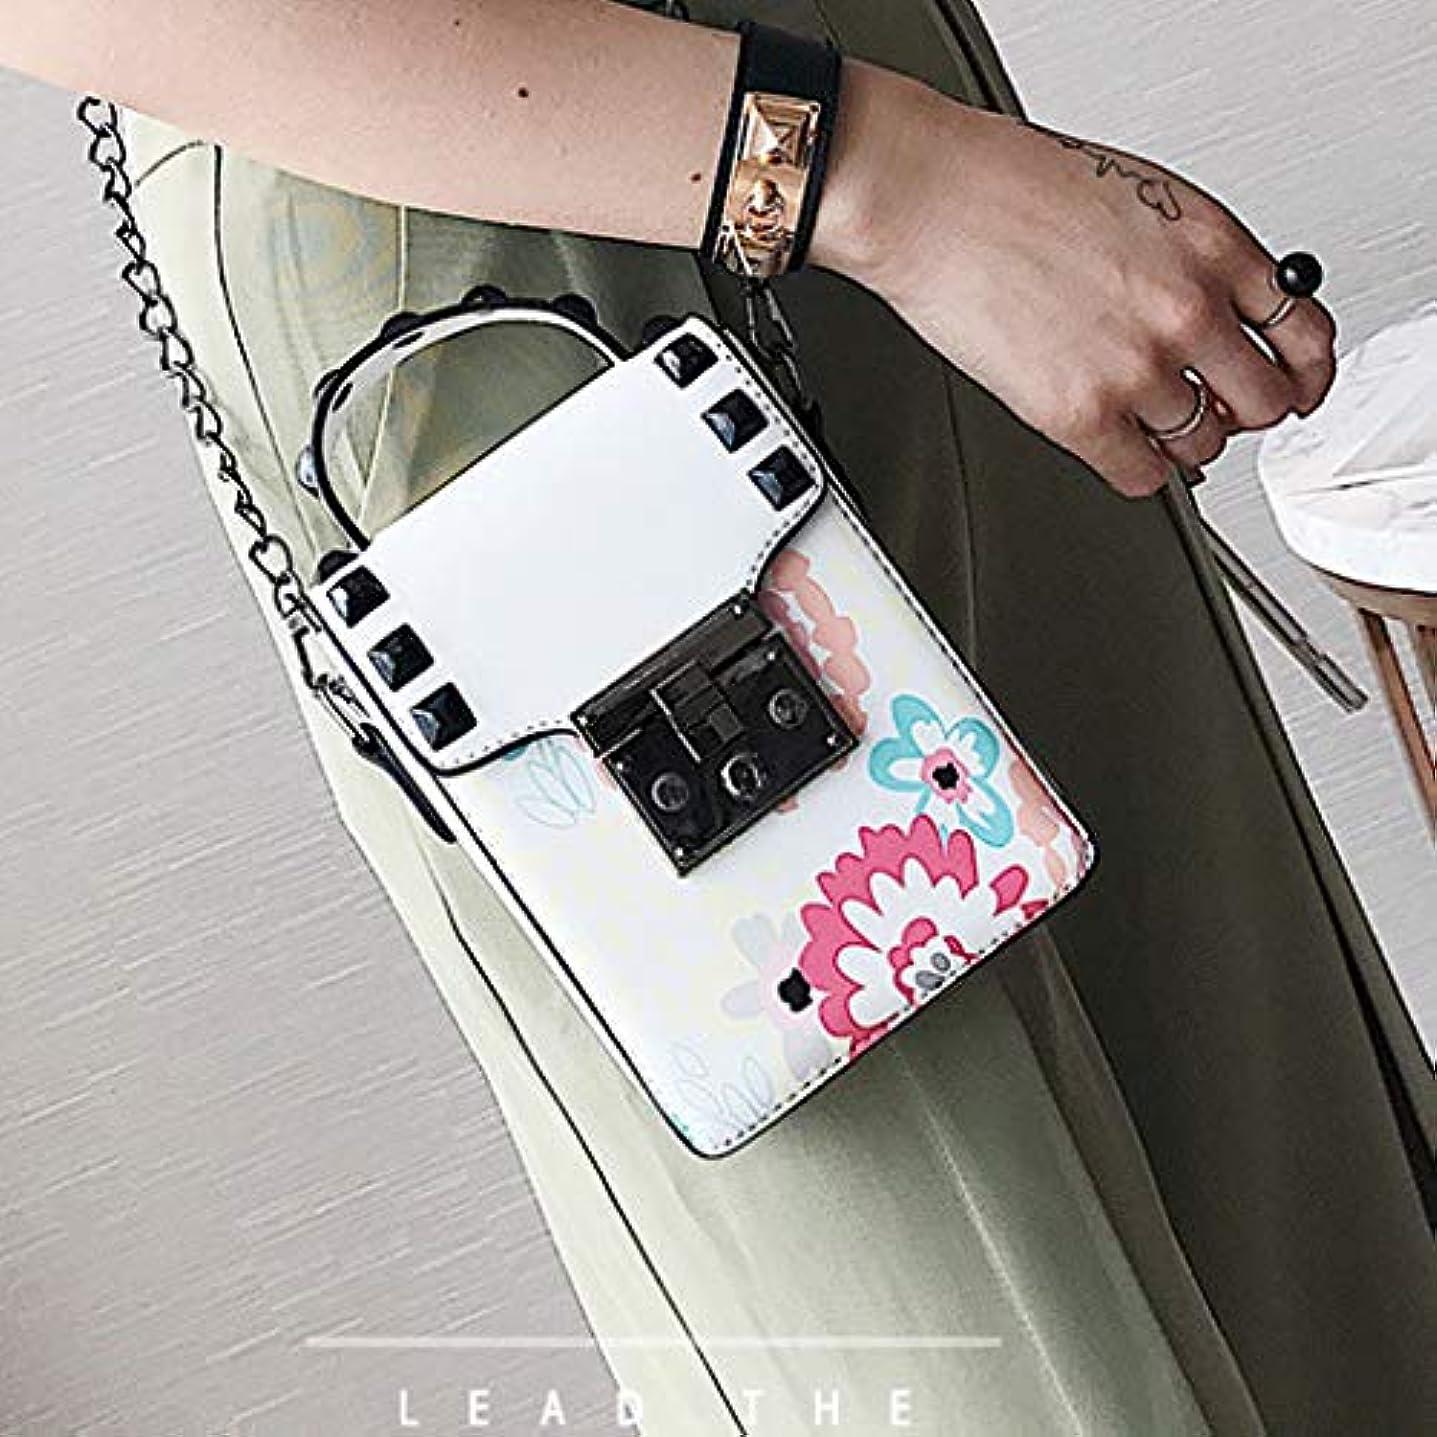 航空破産寺院女性印刷リベットチェーンショルダーバッグレディースキャンパススタイルクロスボディバッグ、ファッショントレンド新しいクロスボディバッグ、チェーンレディース小さなバッグ、プリントパターントレンド小さな財布 (白)